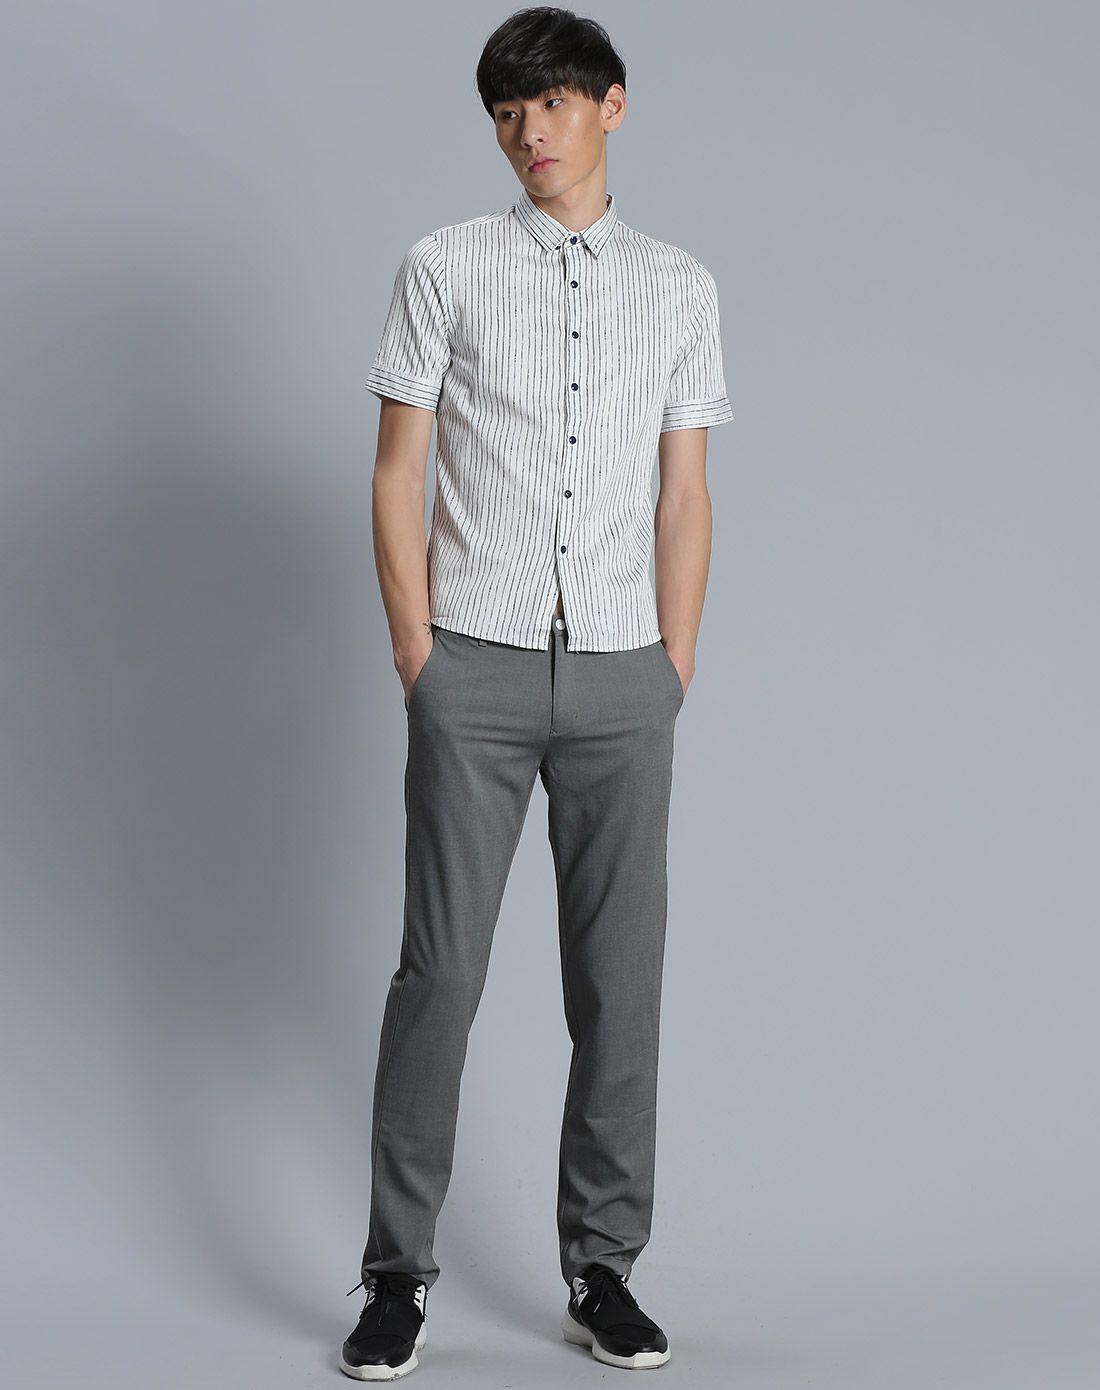 漂白男装手绘线条衬衫